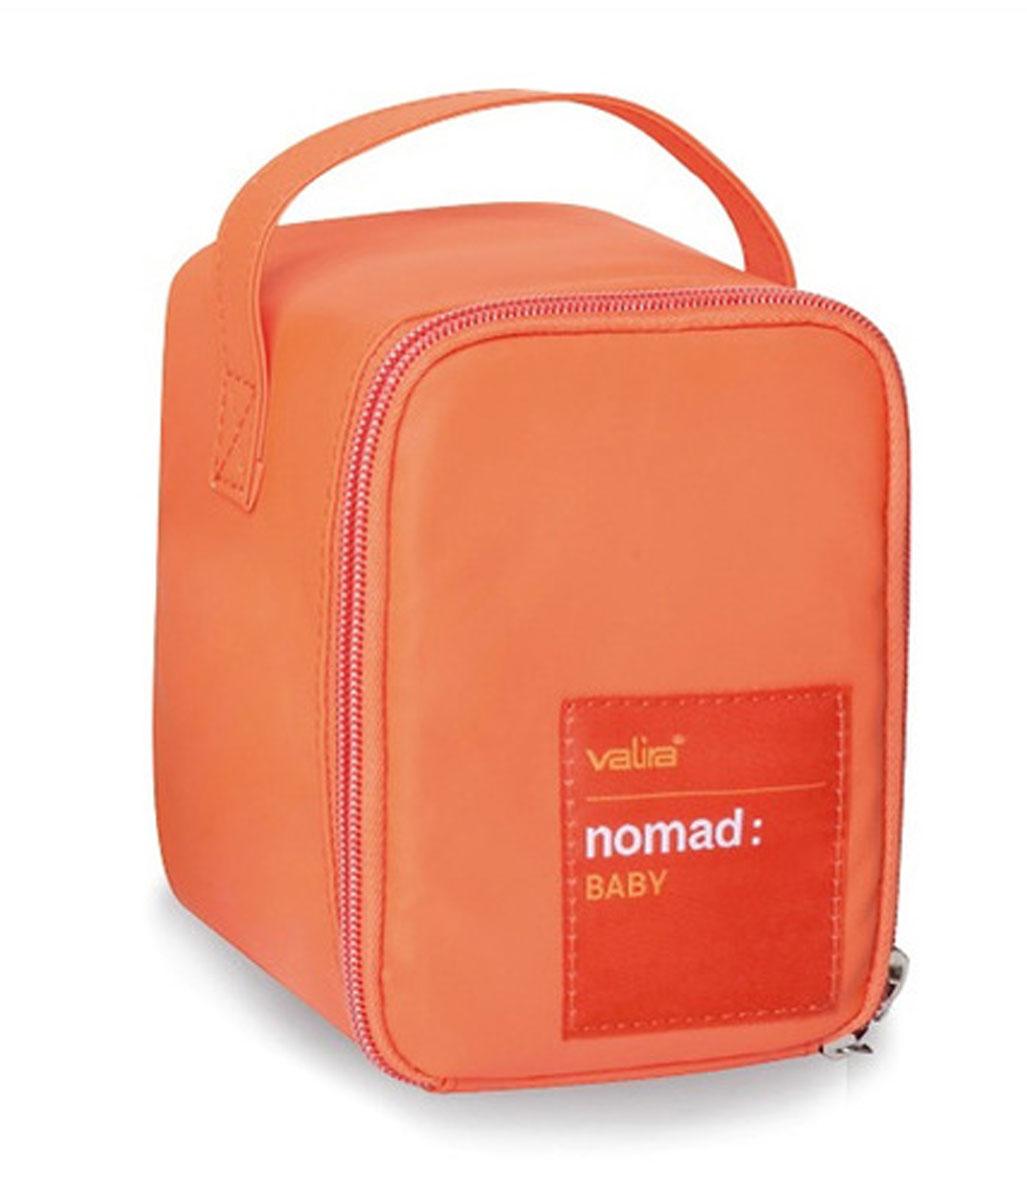 Сумка Valira, с контейнером, цвет: оранжевый, 0,4 лVT-1520(SR)Удобная детская термосумка, в состав которой входит контейнер объемом 0,4л. Сохраняет температуру содержимого до 6 часов. Подходит для ежедневного использования дома, в школе, на секциях и т.д.Внешний материал гигиеничный и непромокаемый. Внутренний материал предназначен длялегкого и удобного ухода за сумкой. Имеет боковую ручку для удобства переноски. Есть специальный кармашек для столовых приборов.Контейнер (0,4л), входящий в набор, изготовлен из керамического пластика, 100% герметичен и водонепроницаемы, с удобными защёлками и надёжной изолирующей прокладкой. Контейнер можно использовать для разогревания пищи в микроволновой печи.